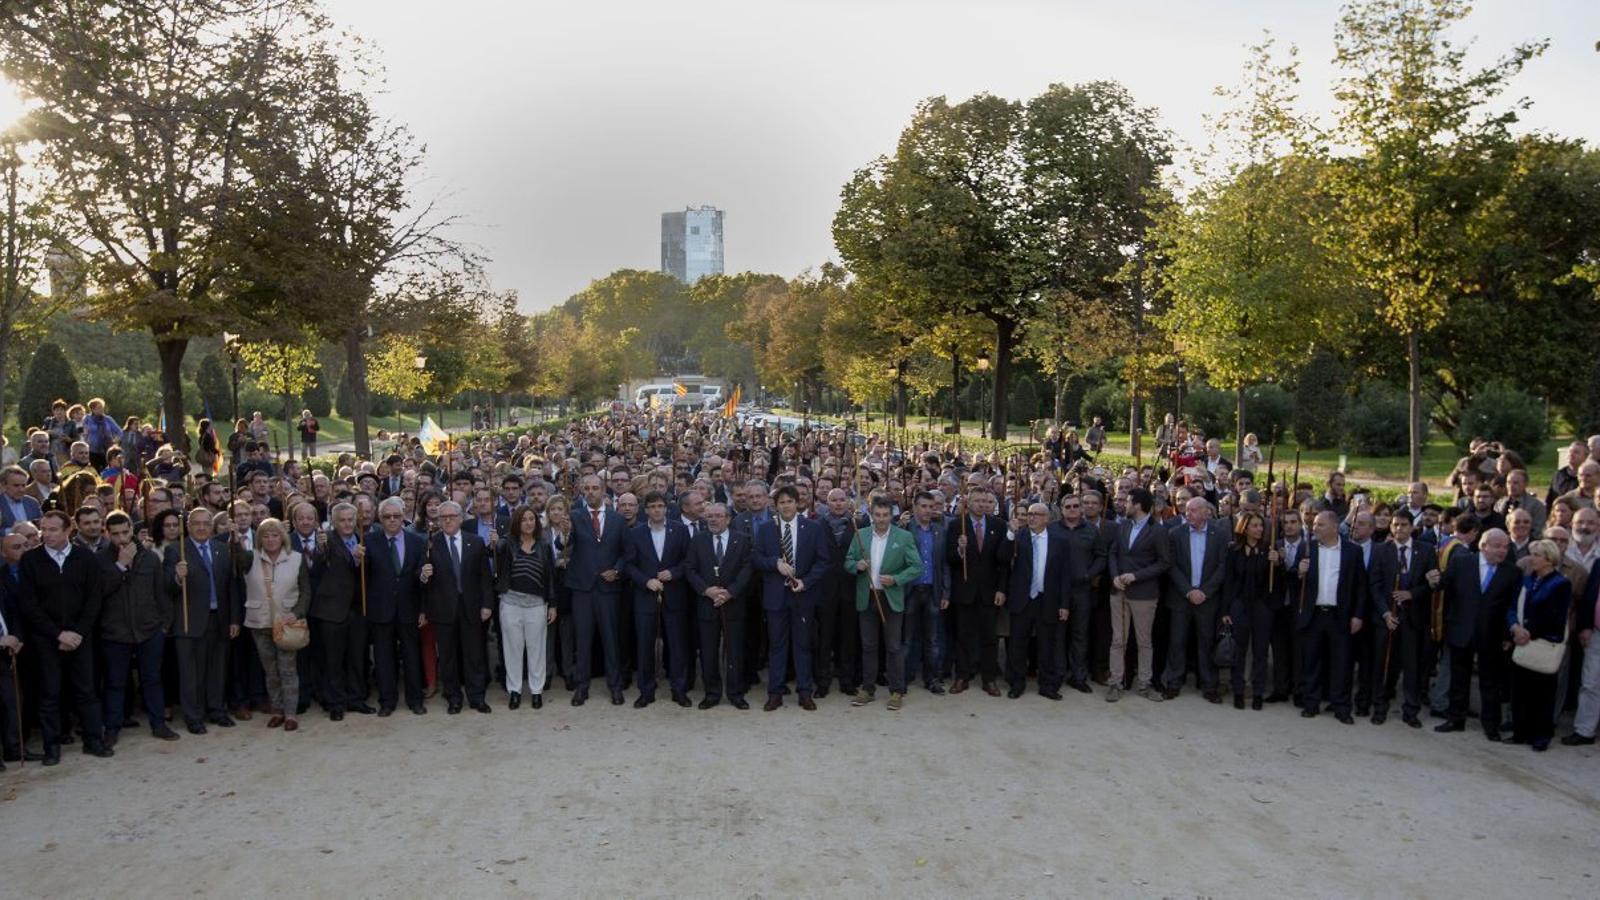 Centenars d'alcaldes, amb la vara que els acredita, el dia que Artur Mas va declarar al TSJC.